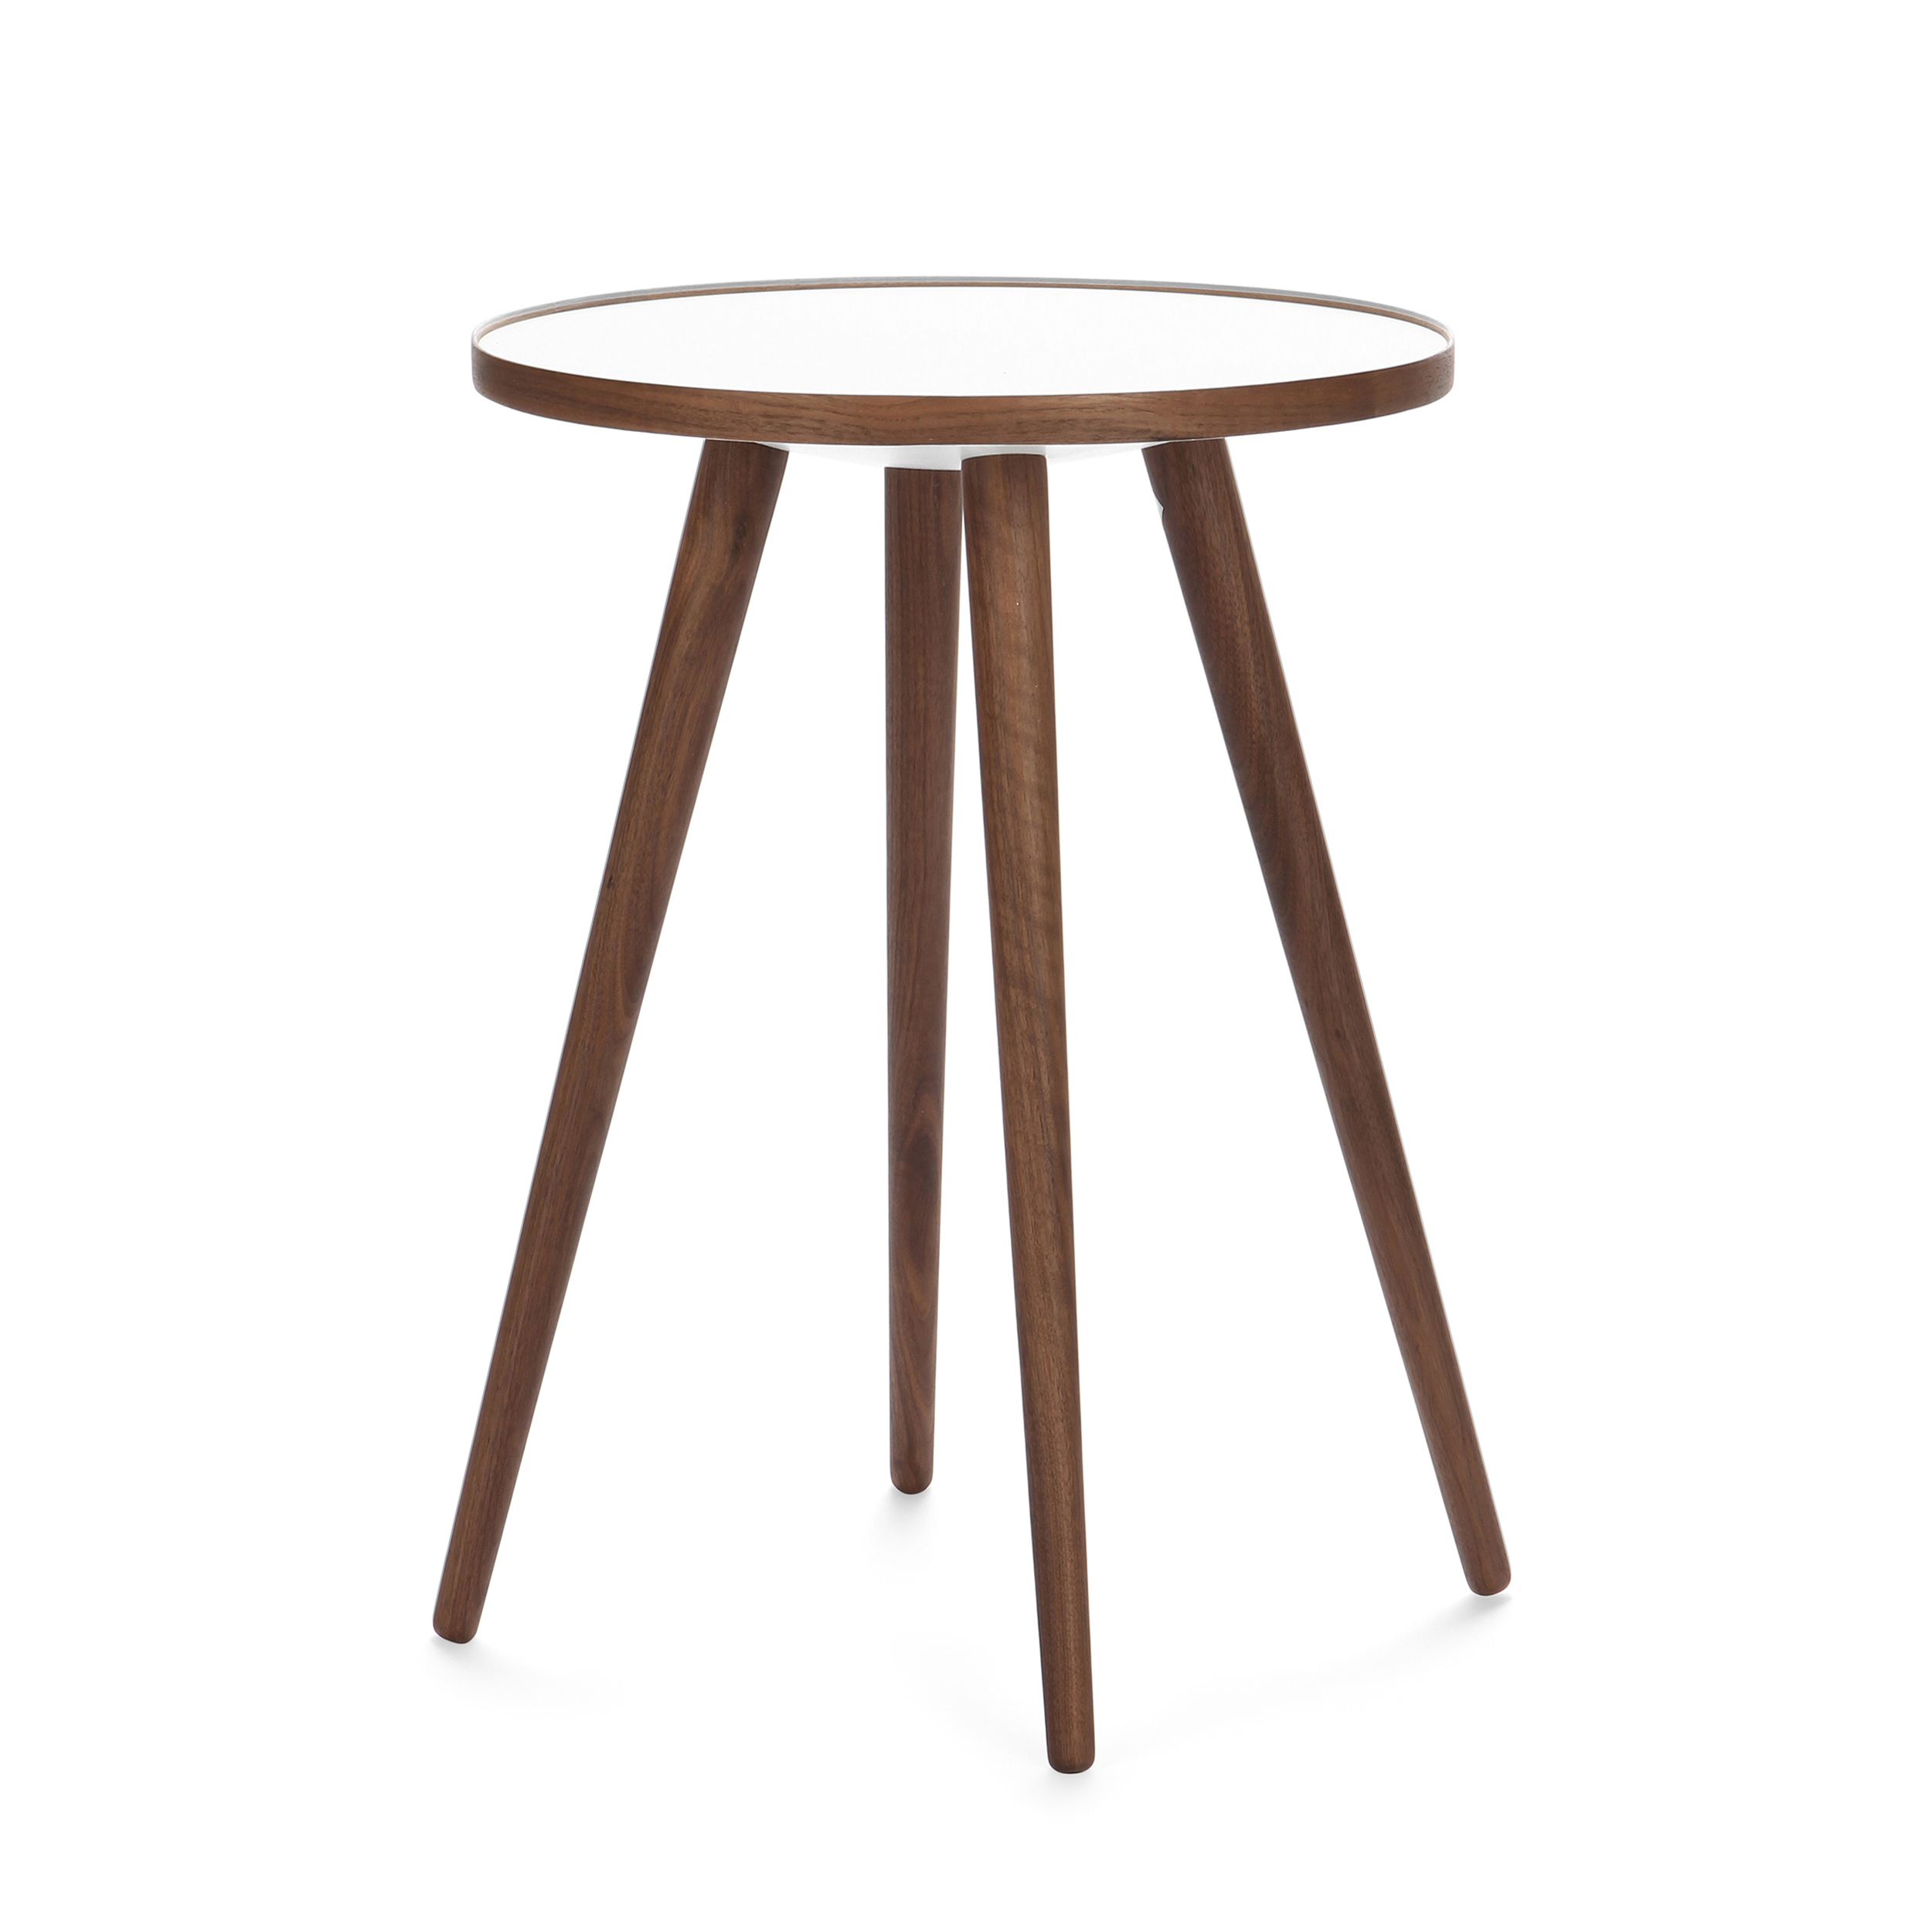 Кофейный стол Sputnik высота 55 диаметр 41Кофейные столики<br>Дизайнерский кофейный стол Sputnik (Спутник) (высота 55 диаметр 41) с пластиковой столешницей на четырех ножках от Cosmo (Космо).<br><br><br> Кофейный стол Sputnik высота 55 диаметр 41 имеет четыре длинные устойчивые ножки и небольшую круглую столешницу. Его разработал американский дизайнер и архитектор мирового уровня Шон Дикс. Столик сделан из качественной древесины американского ореха, что делает его достаточно прочным  и долговечным. Столешница  покрыта меламином, благодаря чему устойчива к н...<br><br>stock: 3<br>Высота: 55<br>Диаметр: 40,6<br>Цвет ножек: Орех американский<br>Цвет столешницы: Белый<br>Материал ножек: Массив ореха<br>Тип материала столешницы: Пластик<br>Тип материала ножек: Дерево